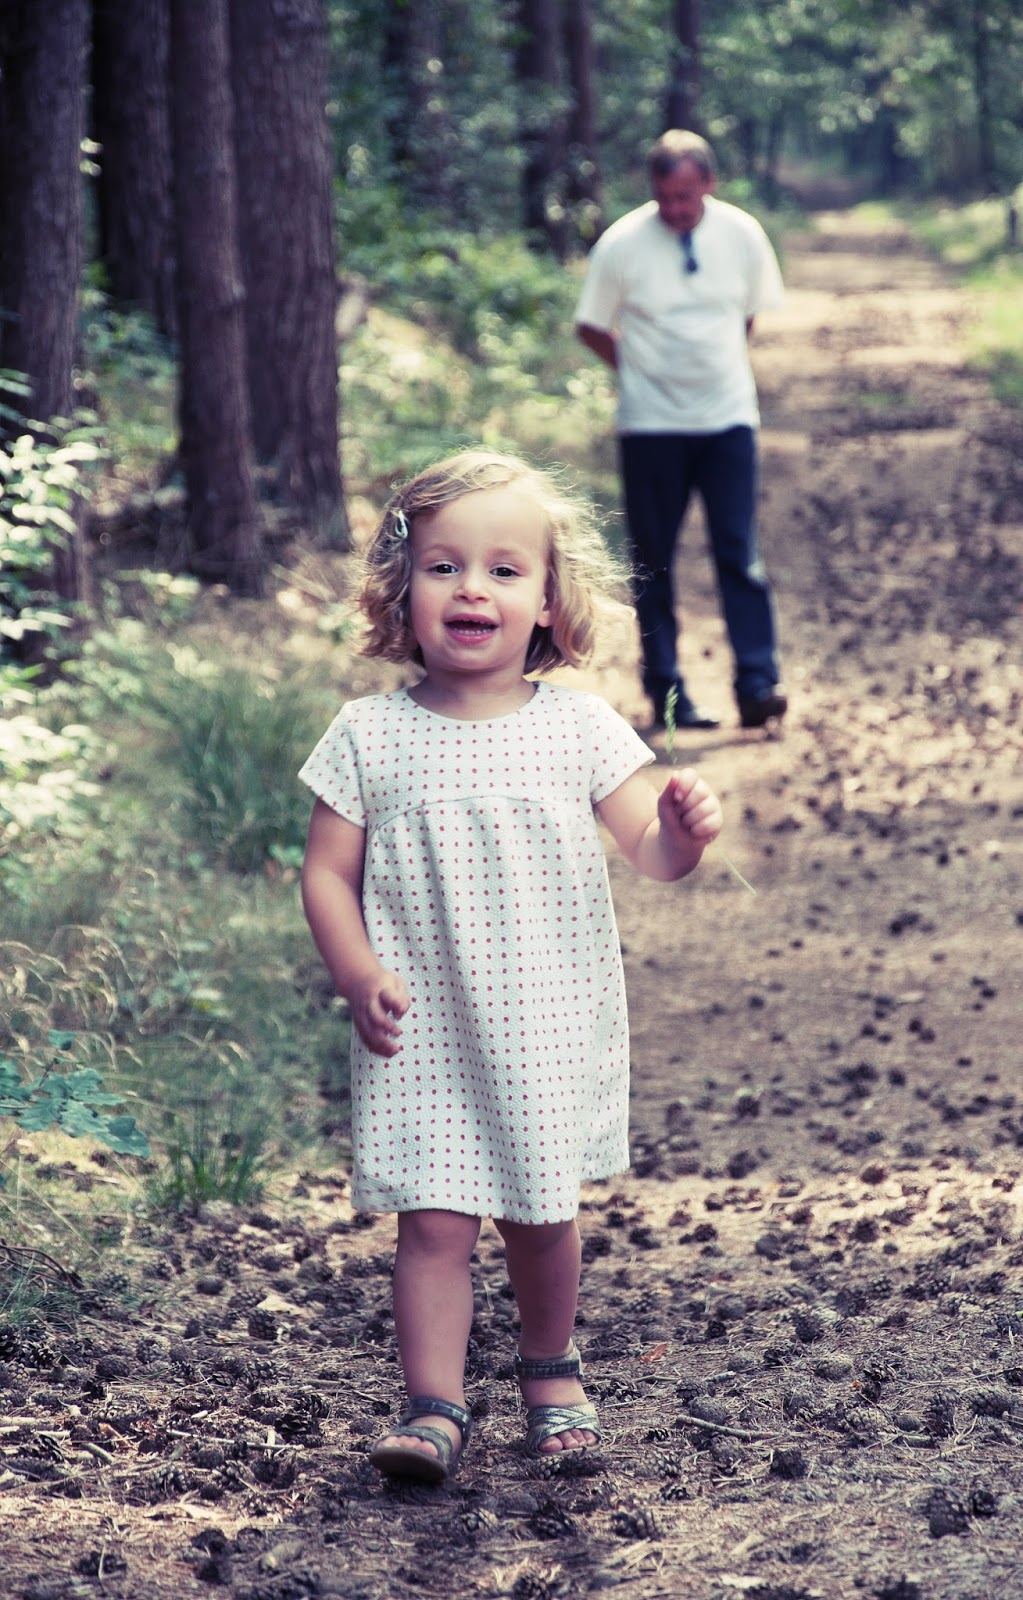 Frameless mind kleine meisjes worden groot - Kleurenkamer klein meisje ...